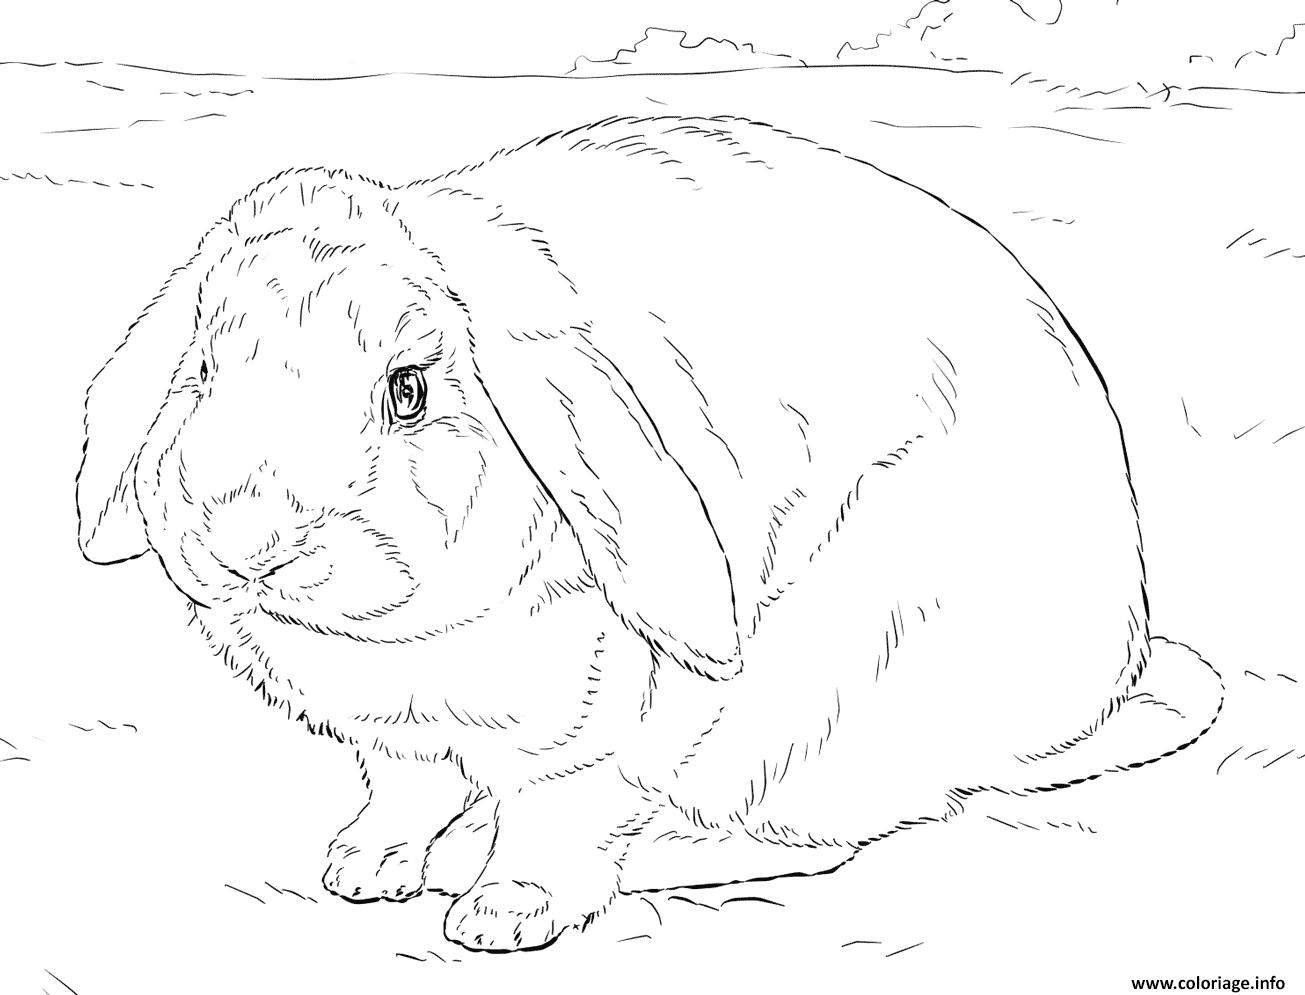 Dessin realiste lapin Coloriage Gratuit à Imprimer